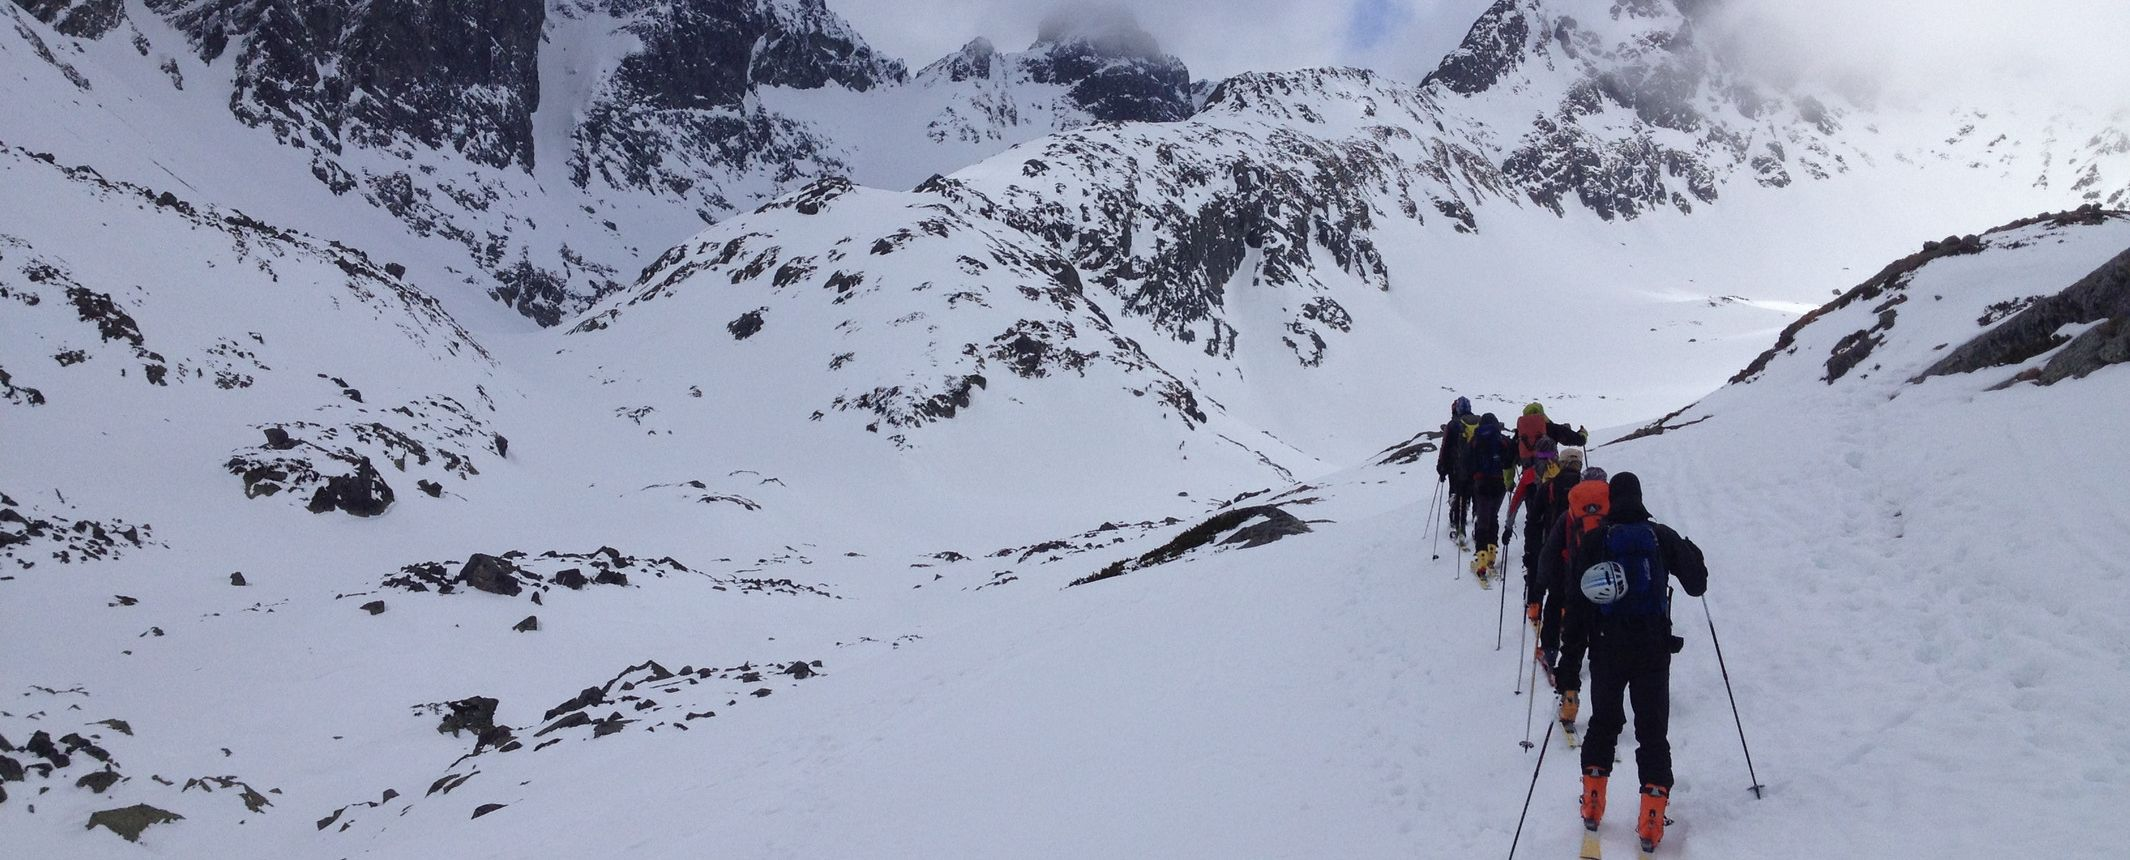 ESLOVAQUIA. Travesía en esquís de montaña por los Tatras